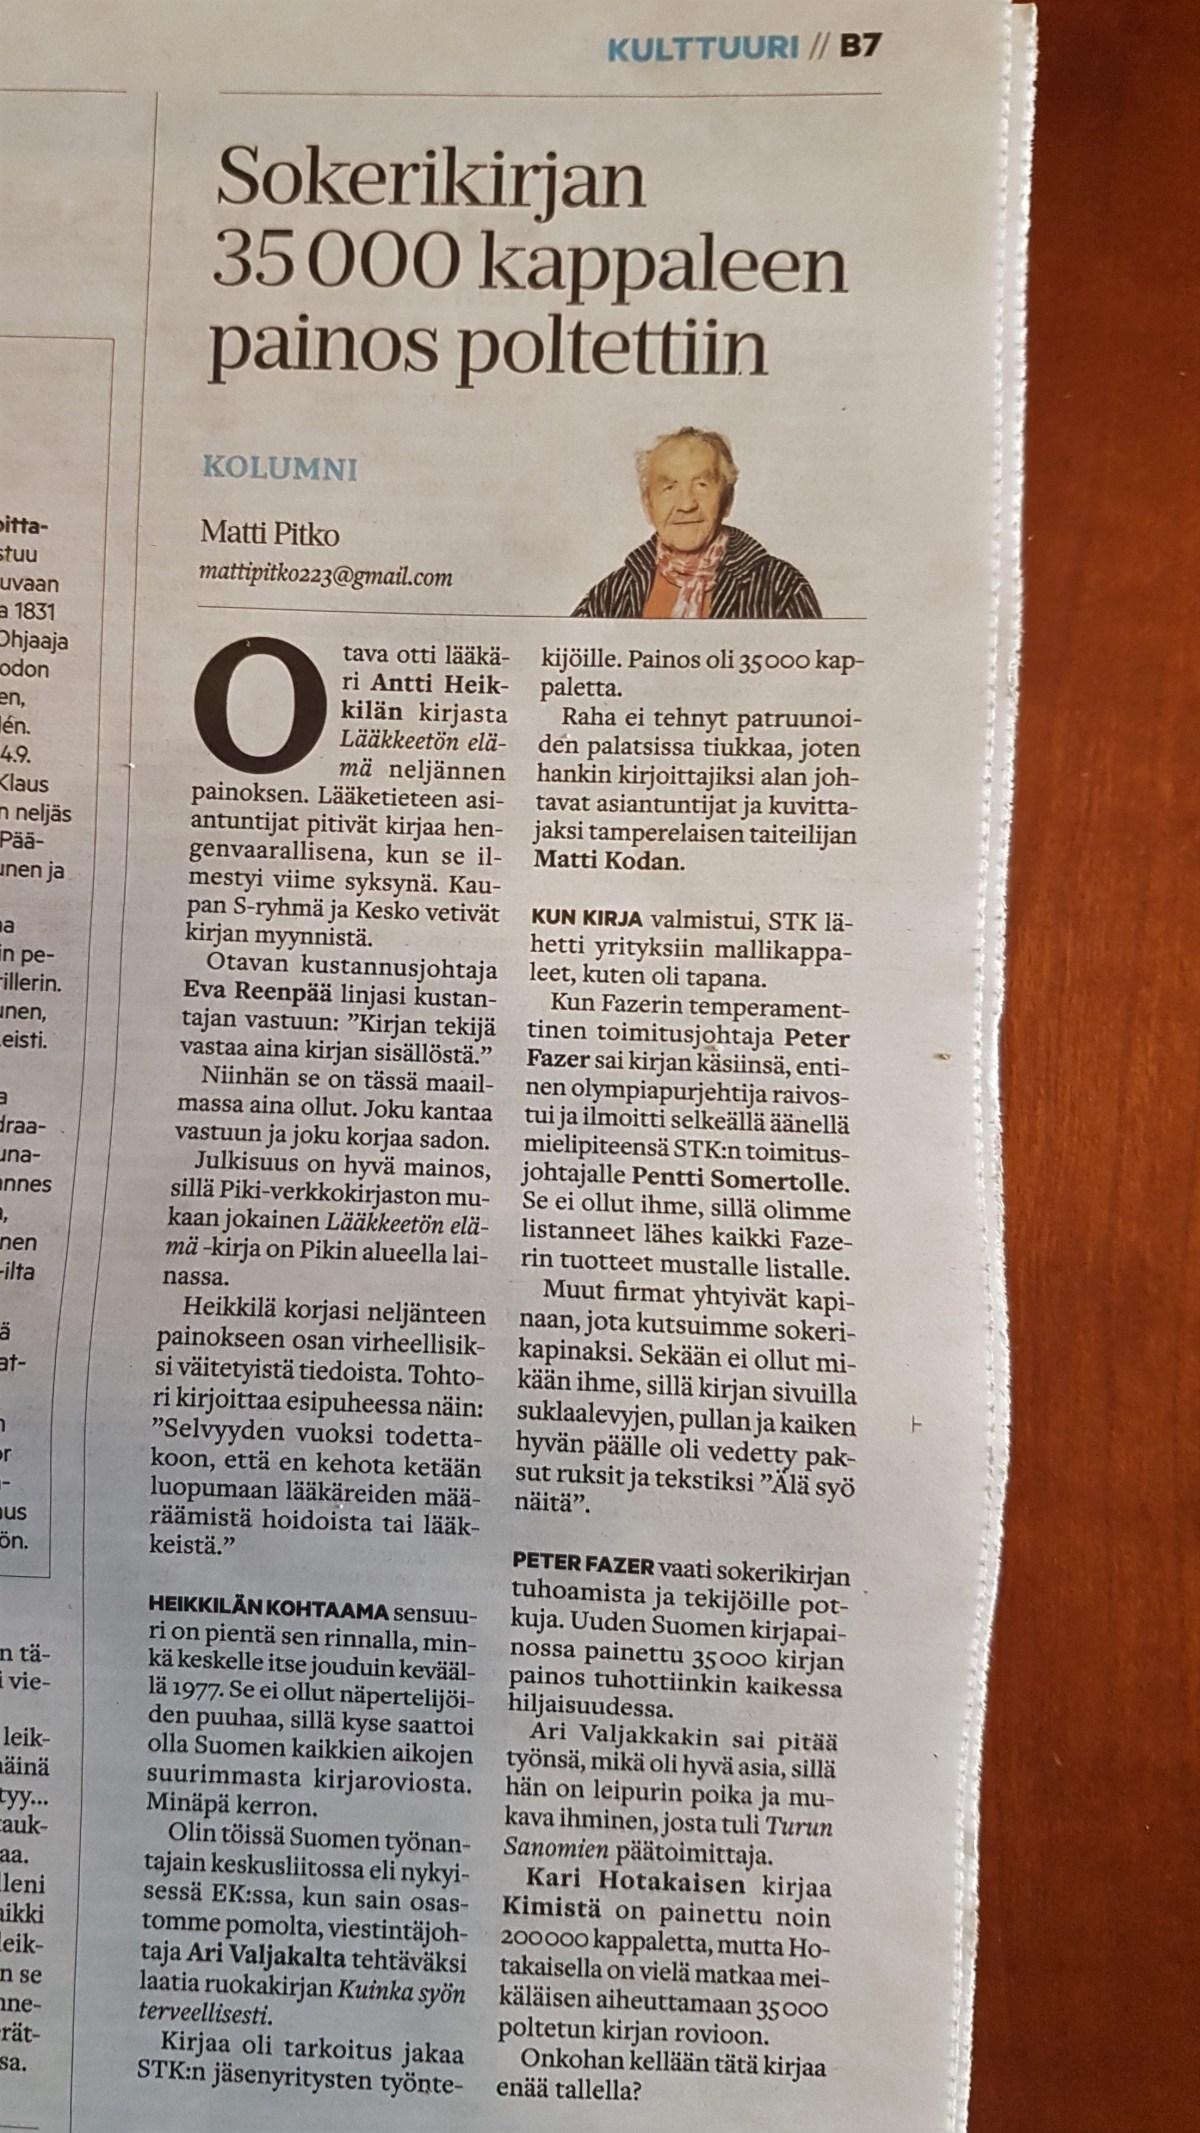 Aamulehden kolumnissa 20.2.2019 Matti Pitko kertoo terveyskirjojen hyllytyksestä.